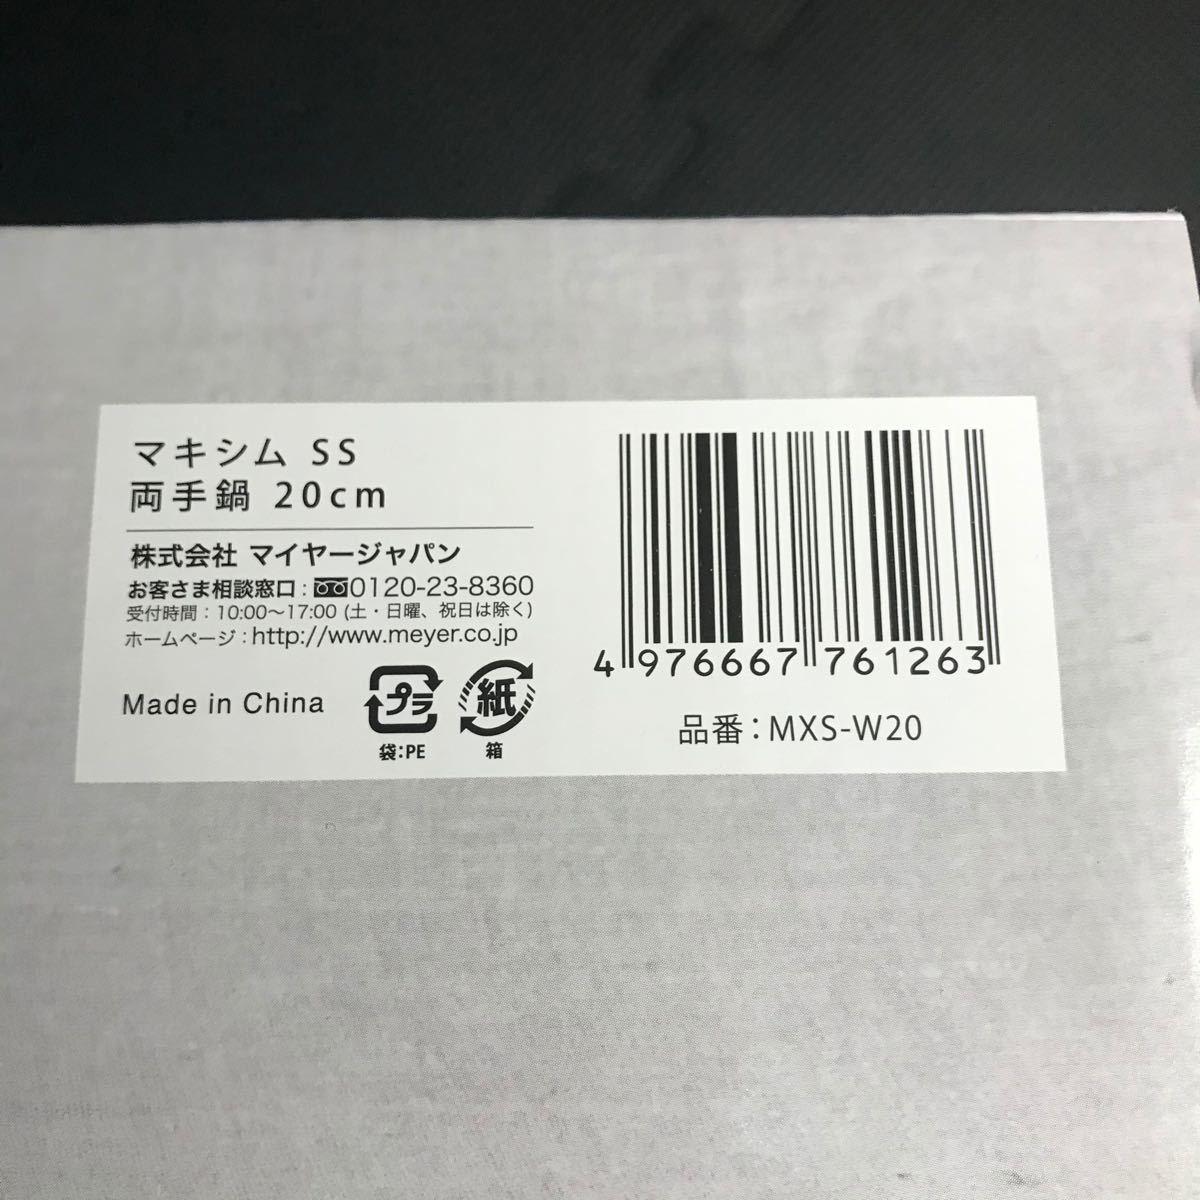 マイヤー Meyer 両手鍋 マキシム 両手鍋 20cm 日本製ステンレス IH対応 ふっ素樹脂加工 底面三層構造 MXS-W20